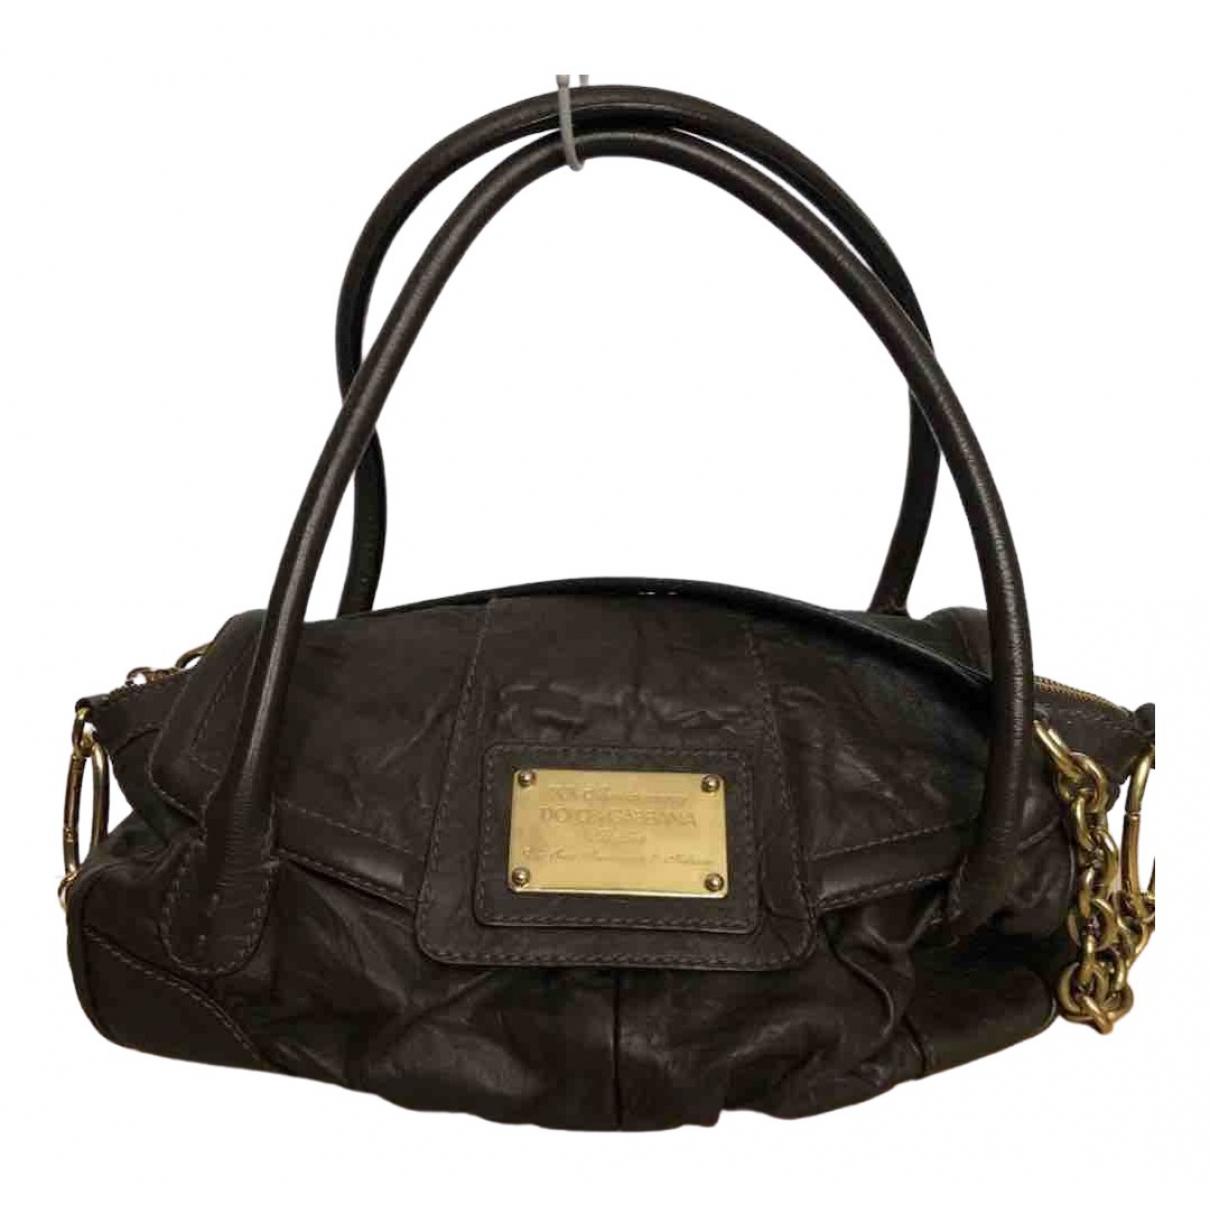 Dolce & Gabbana \N Handtasche in  Schwarz Leder